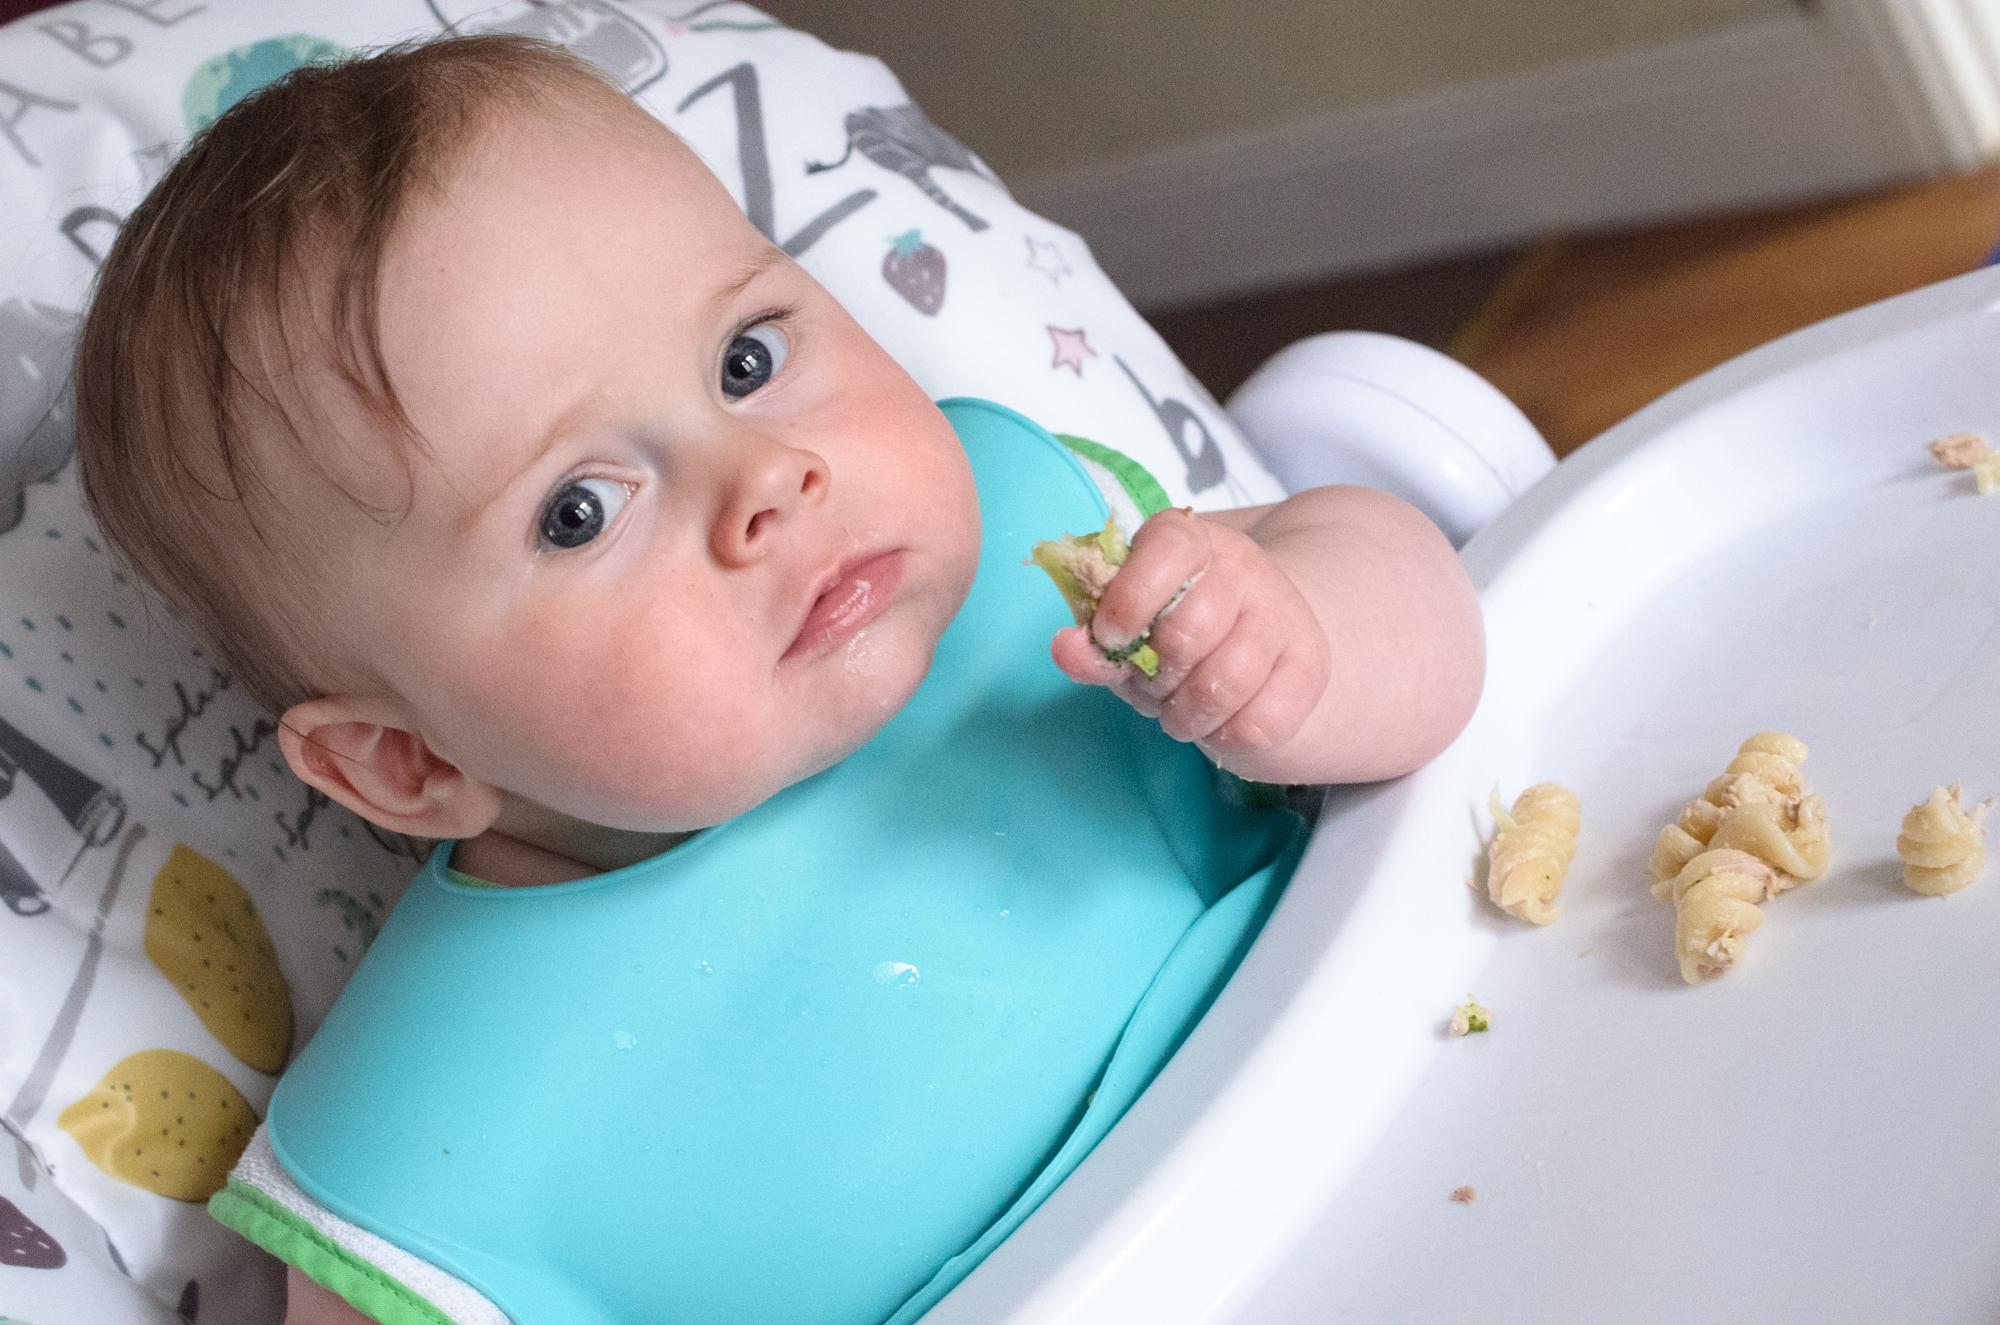 Cara eating pasta